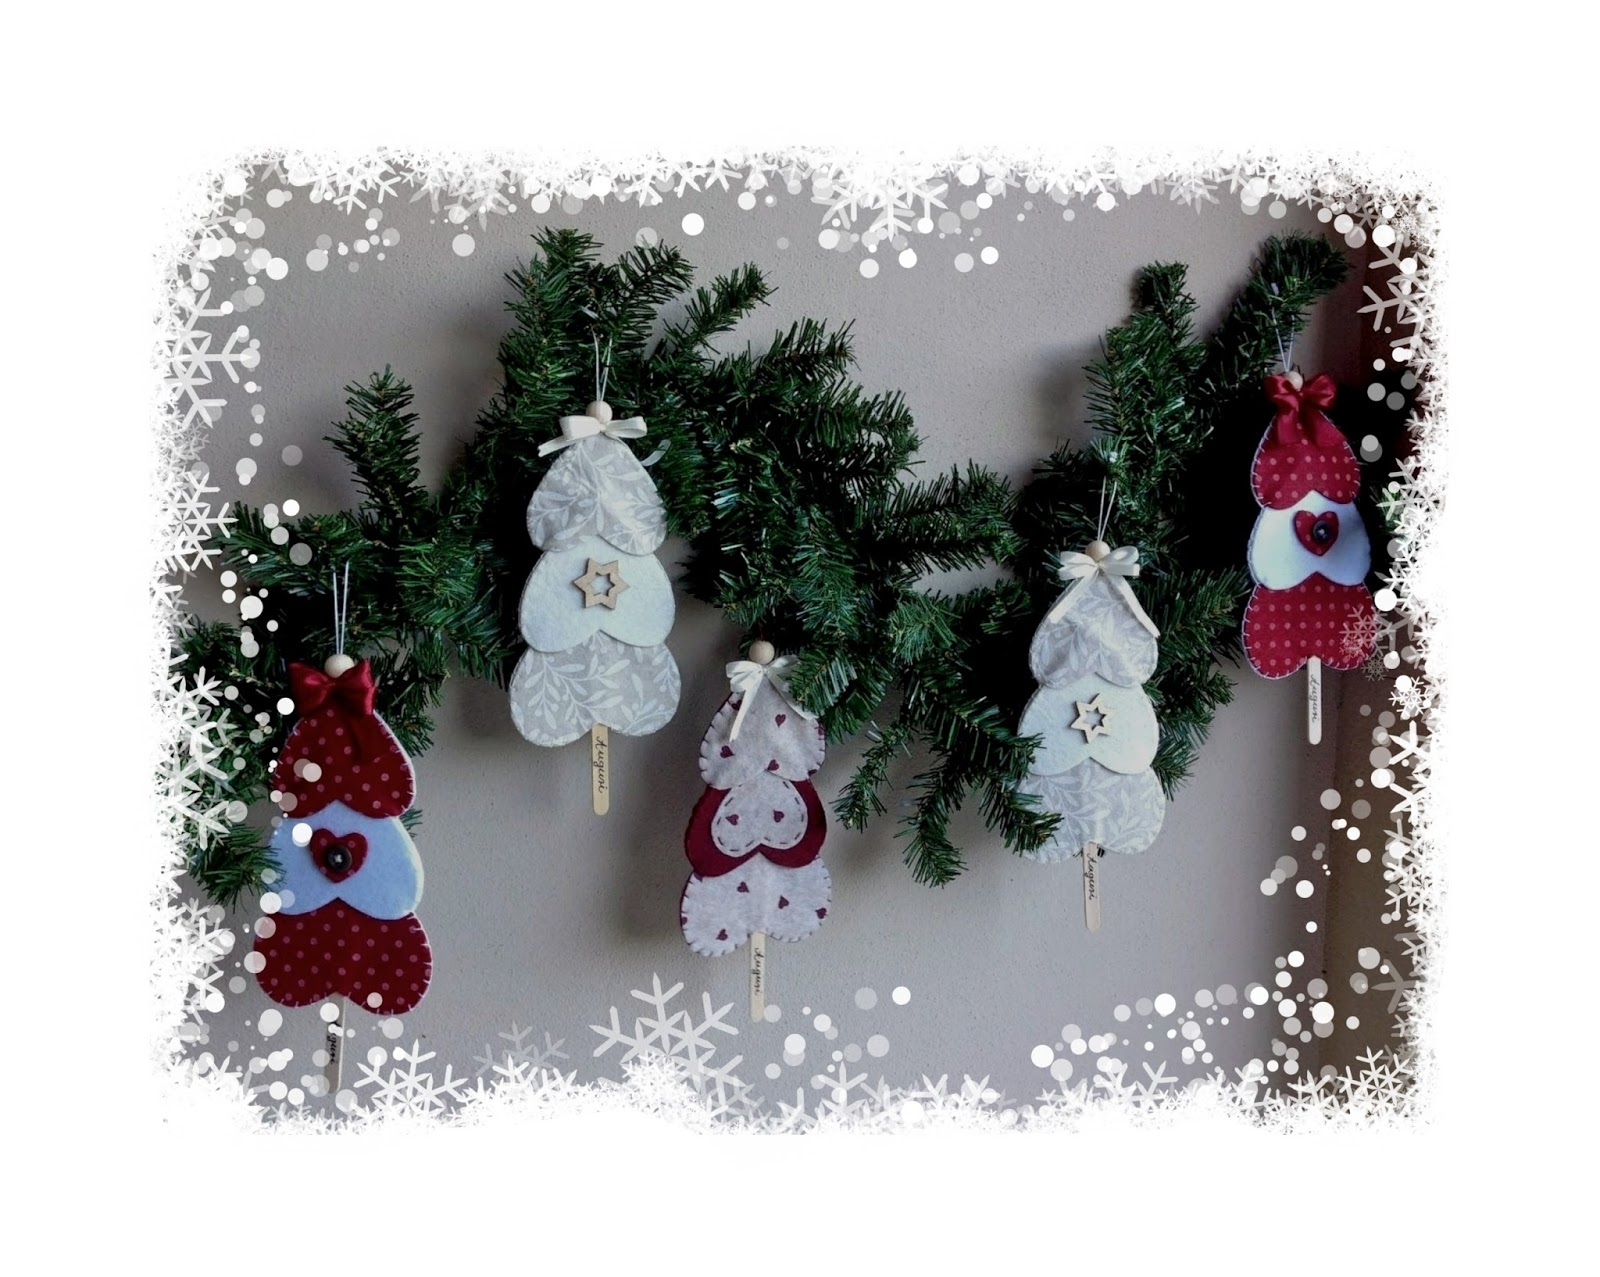 Decorazioni Per Albero Di Natale Con Pannolenci Disegni Di Natale 2019